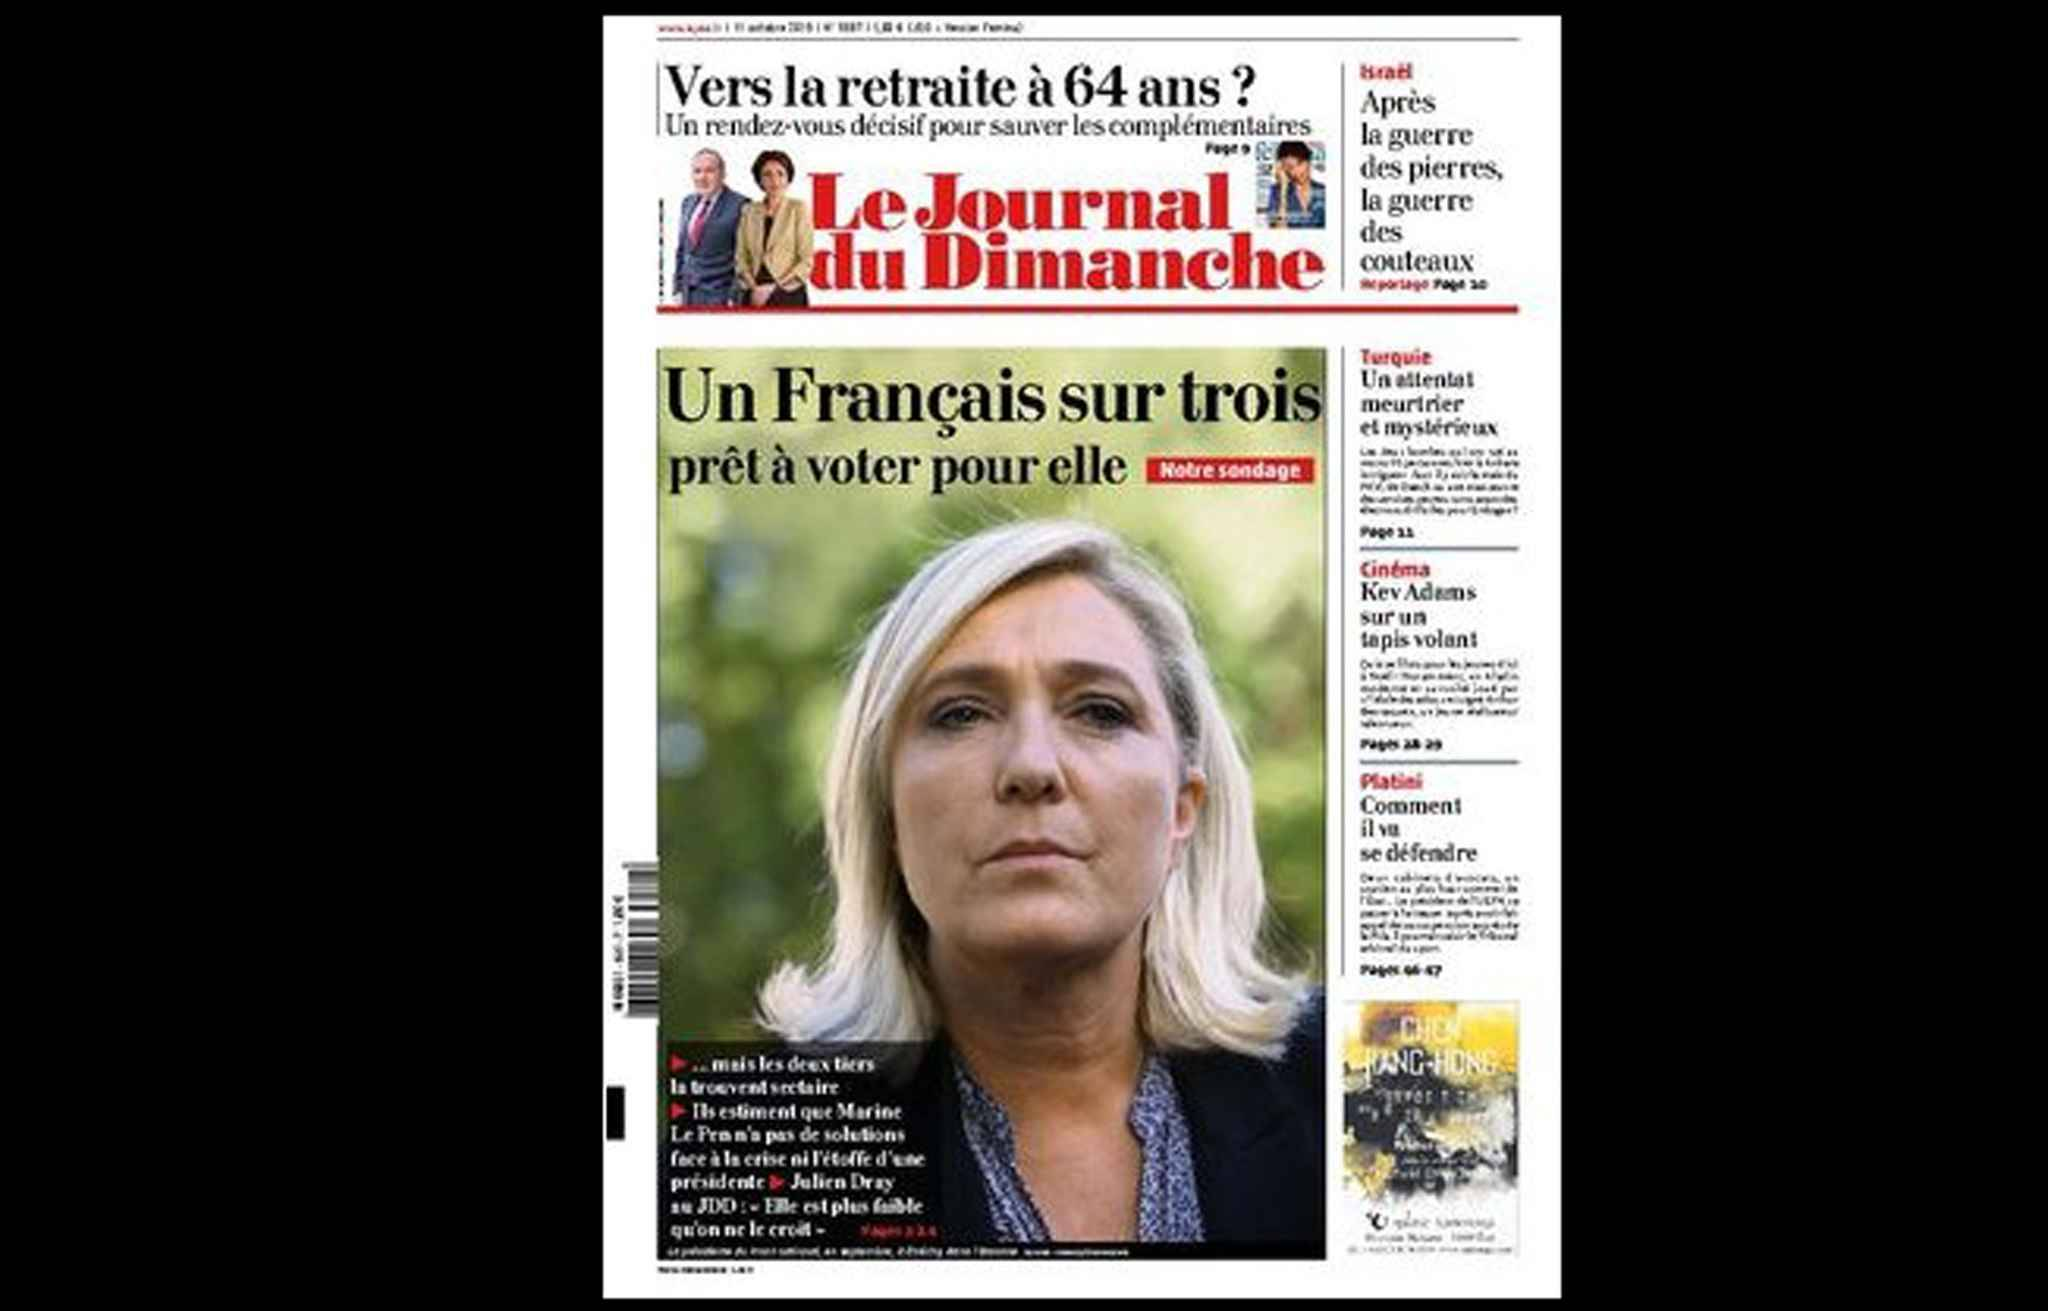 Arnaud lagard re proteste contre la une du jdd sur marine le pen - Le journal du 11 metres ...